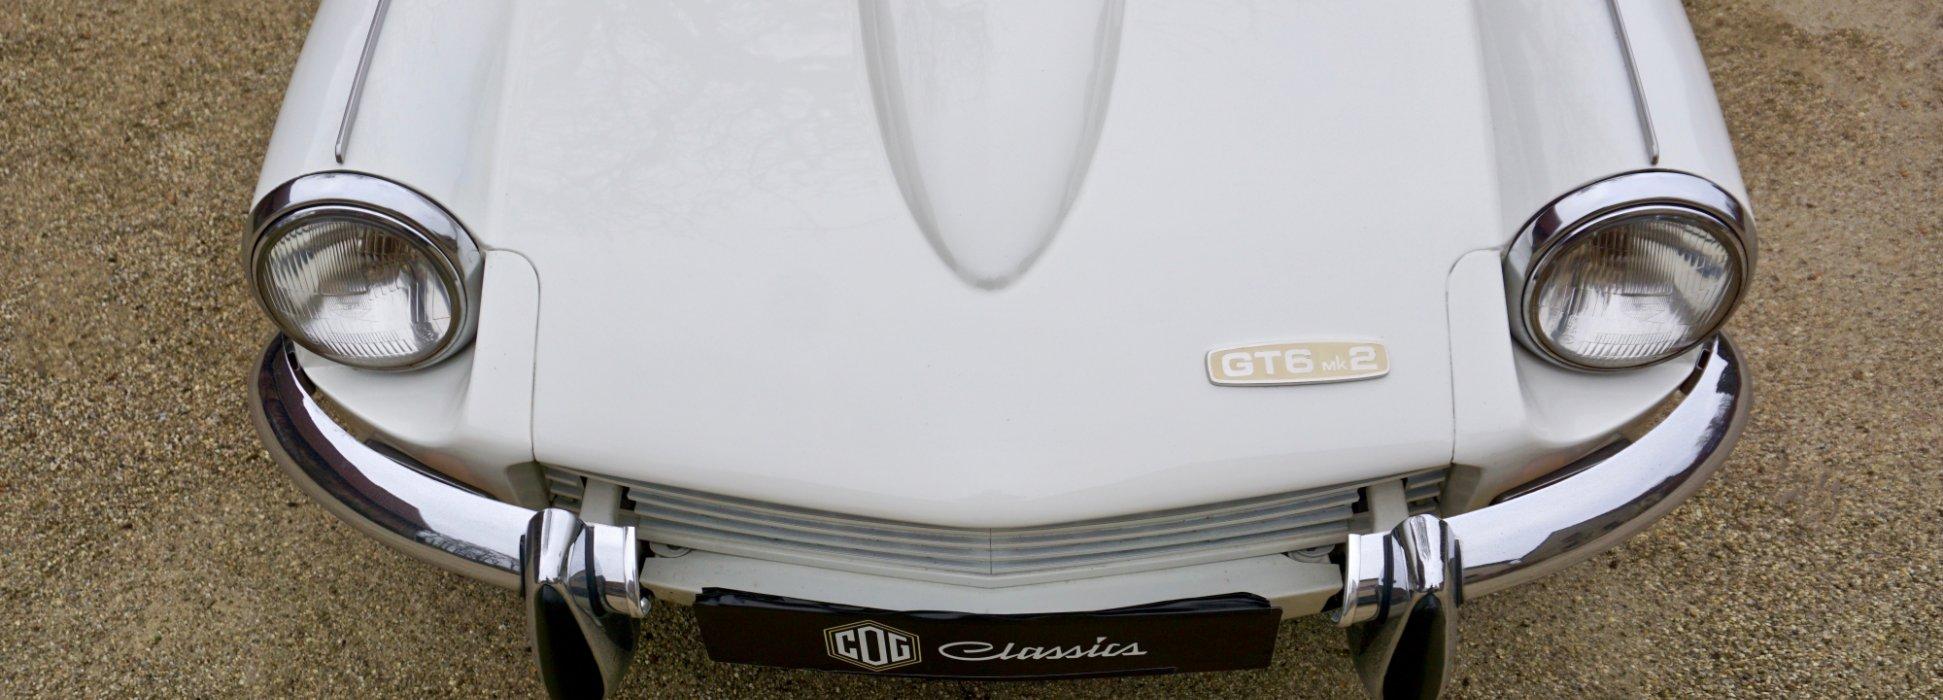 Triumph GT6 Mk2 Coupé 1